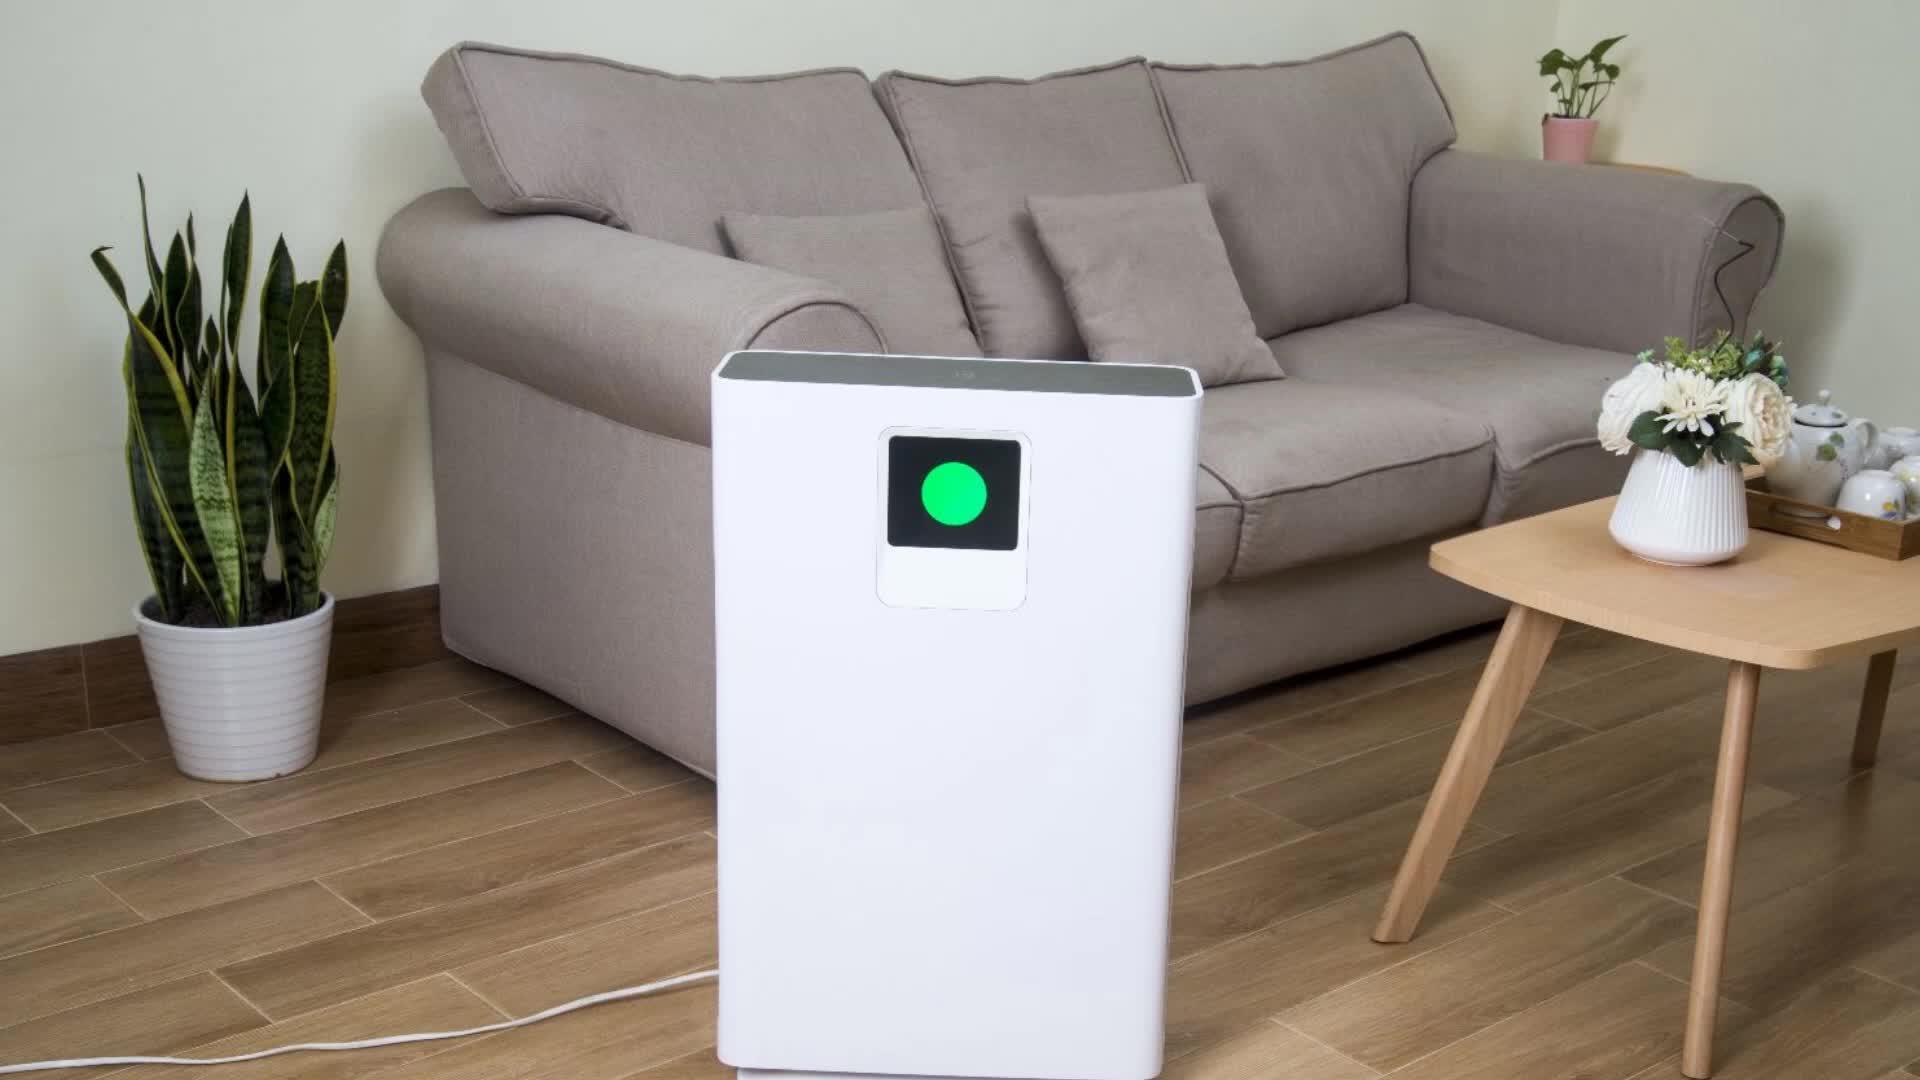 Wifi Luchtreiniger Met Hepa Filter, Luchtfilter Voor Thuis, Kamers Air Cleaner